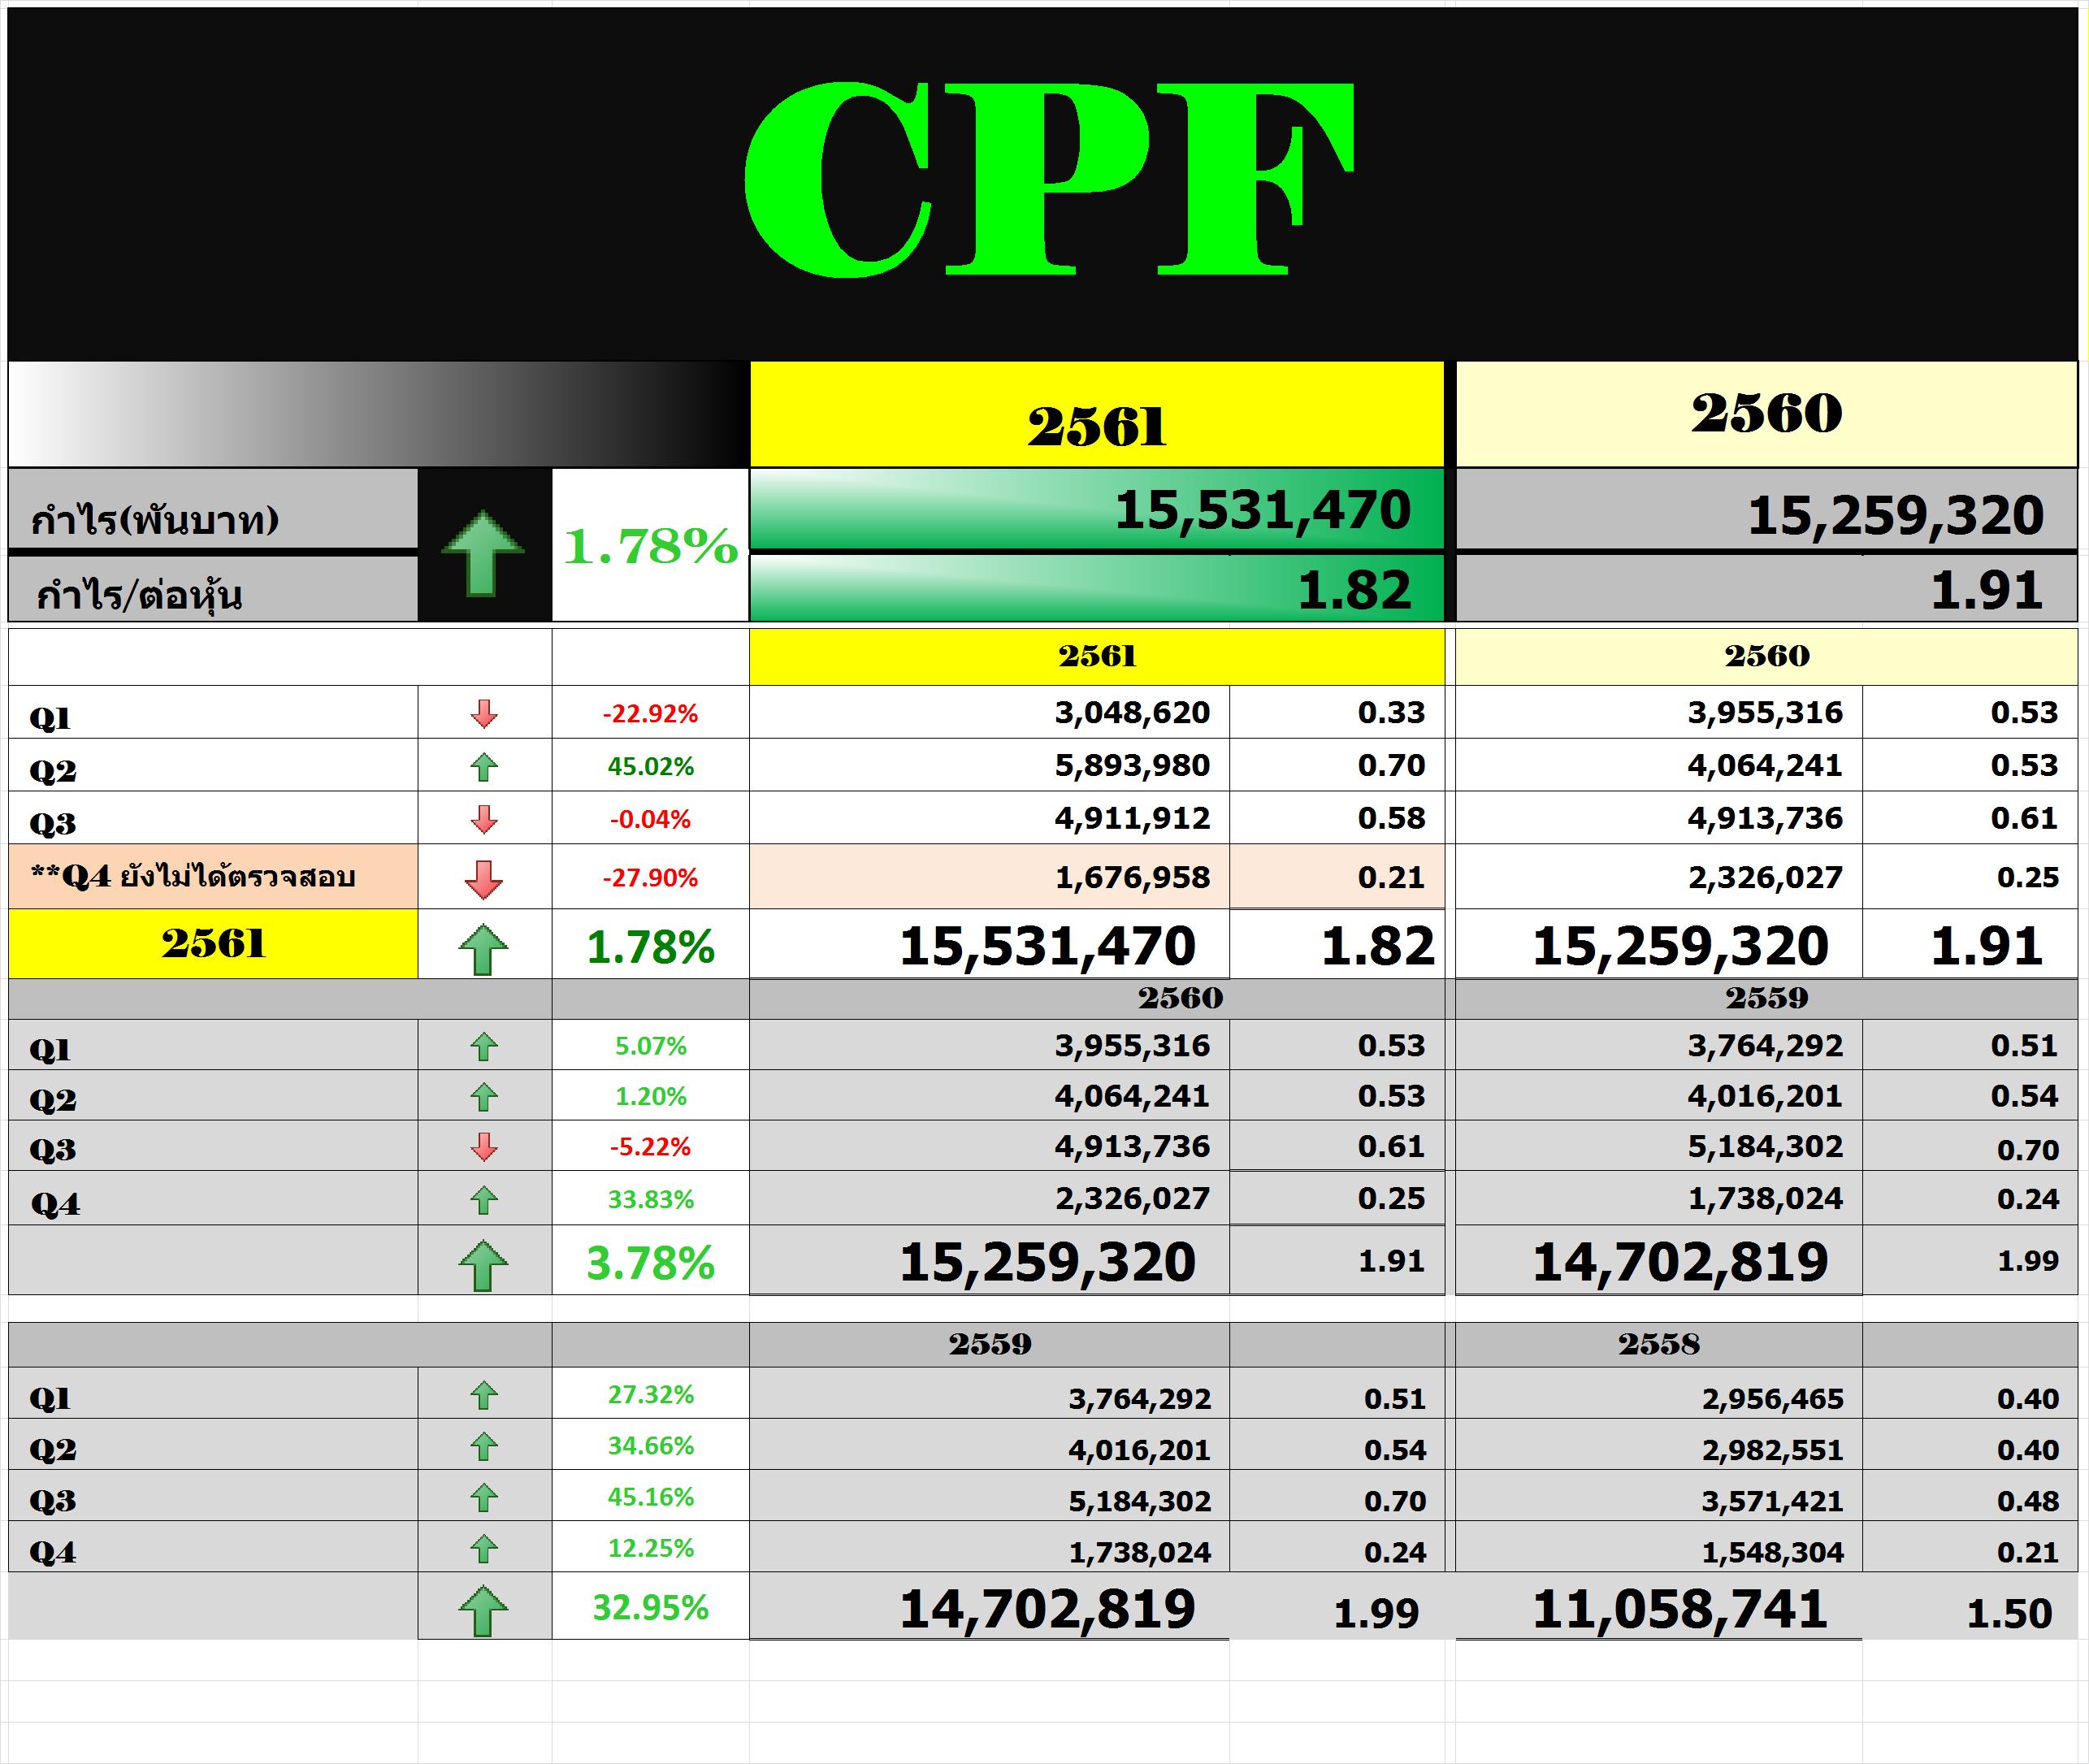 แปลกดี CPF งบดี + จ่ายปันผล แต่หุ้นลง | Stock2morrow ... สต็อคทูมอร์โรว์  มากกว่าแค่เรื่องหุ้น ศูนย์กลางนักลงทุนรายย่อย